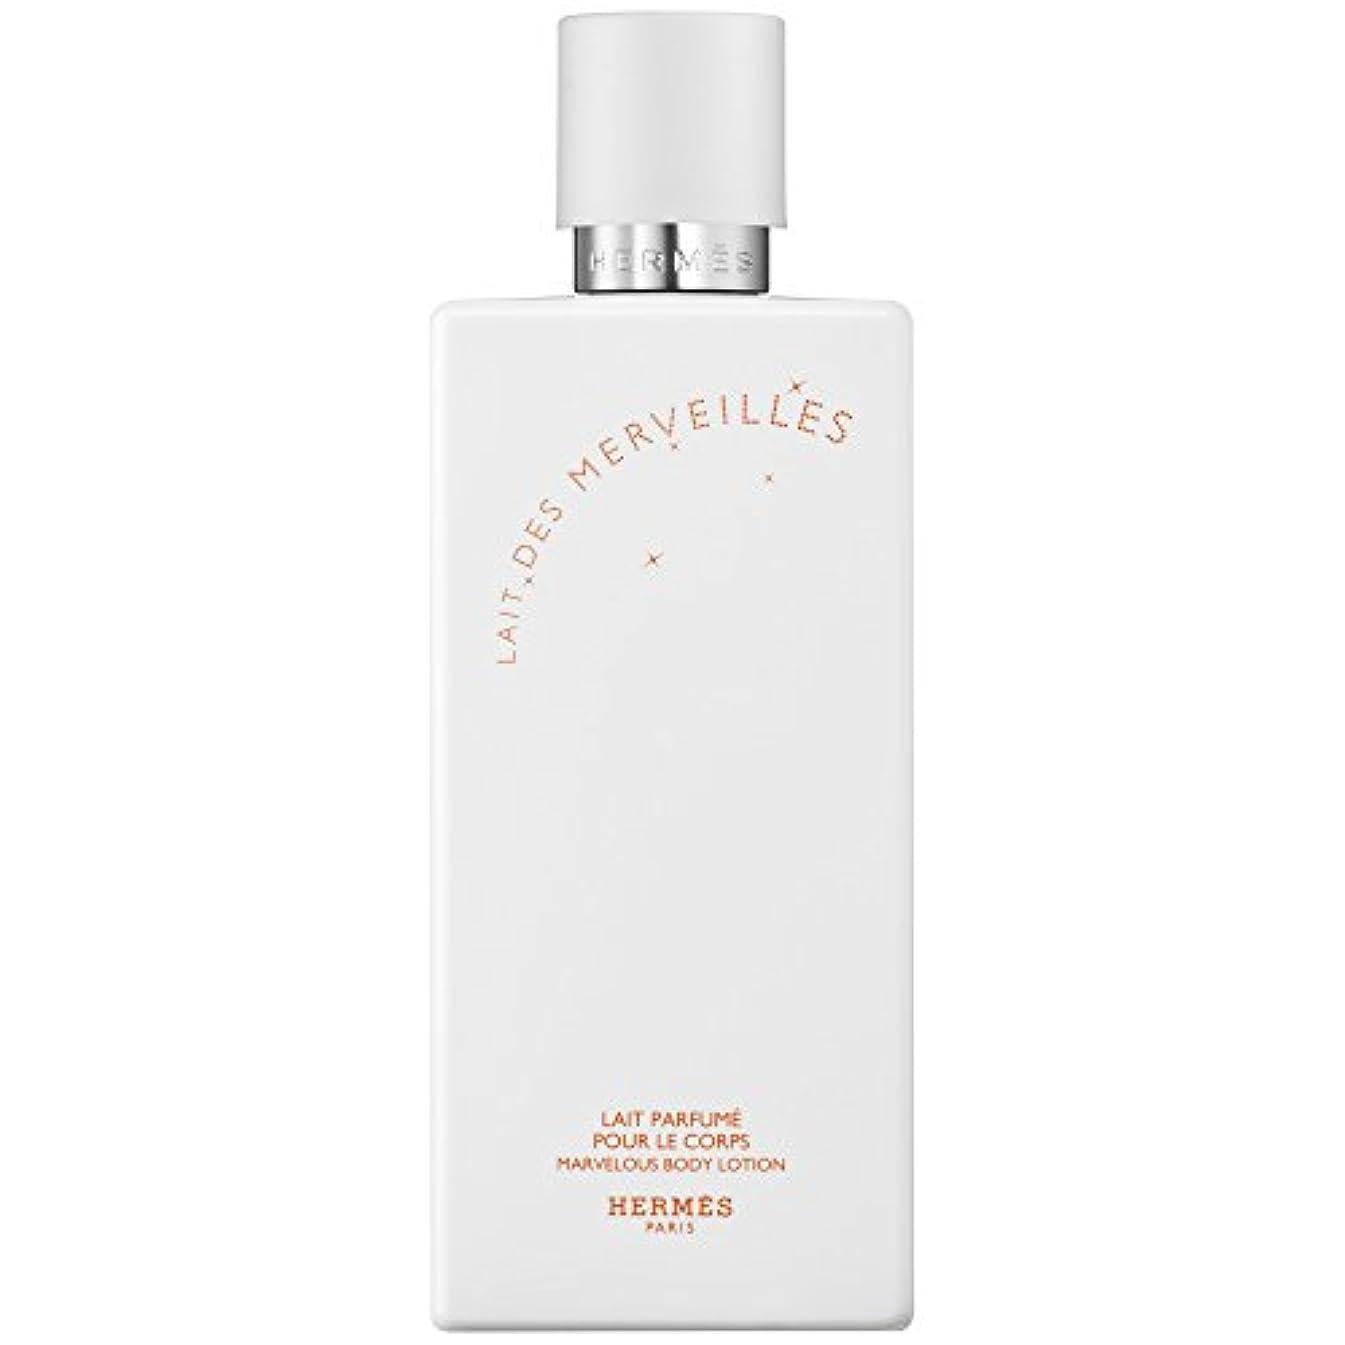 薄い簡潔なペリスコープエルメスオーデMerveilles香りのボディローション200ミリリットル (HERM?S) (x6) - HERM?S Eau Des Merveilles Perfumed Body Lotion 200ml (Pack of 6) [並行輸入品]